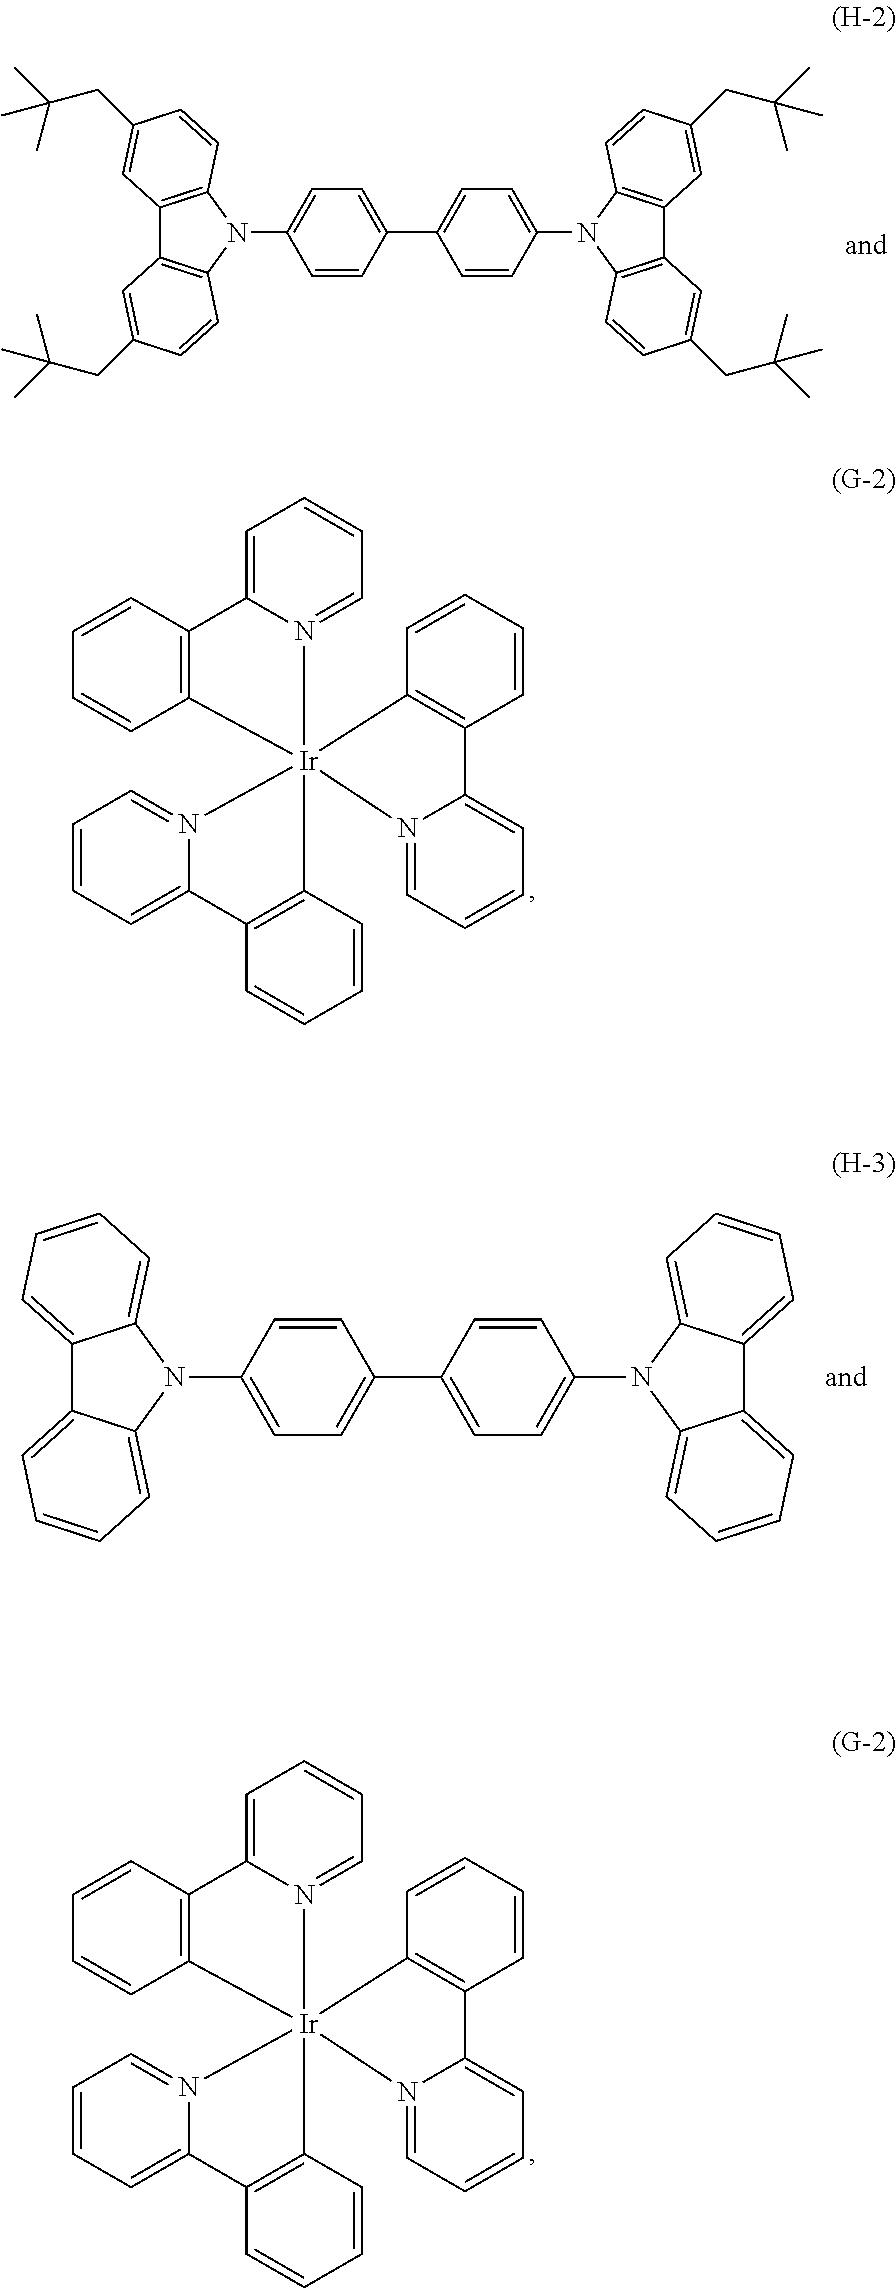 Figure US20170237042A1-20170817-C00026